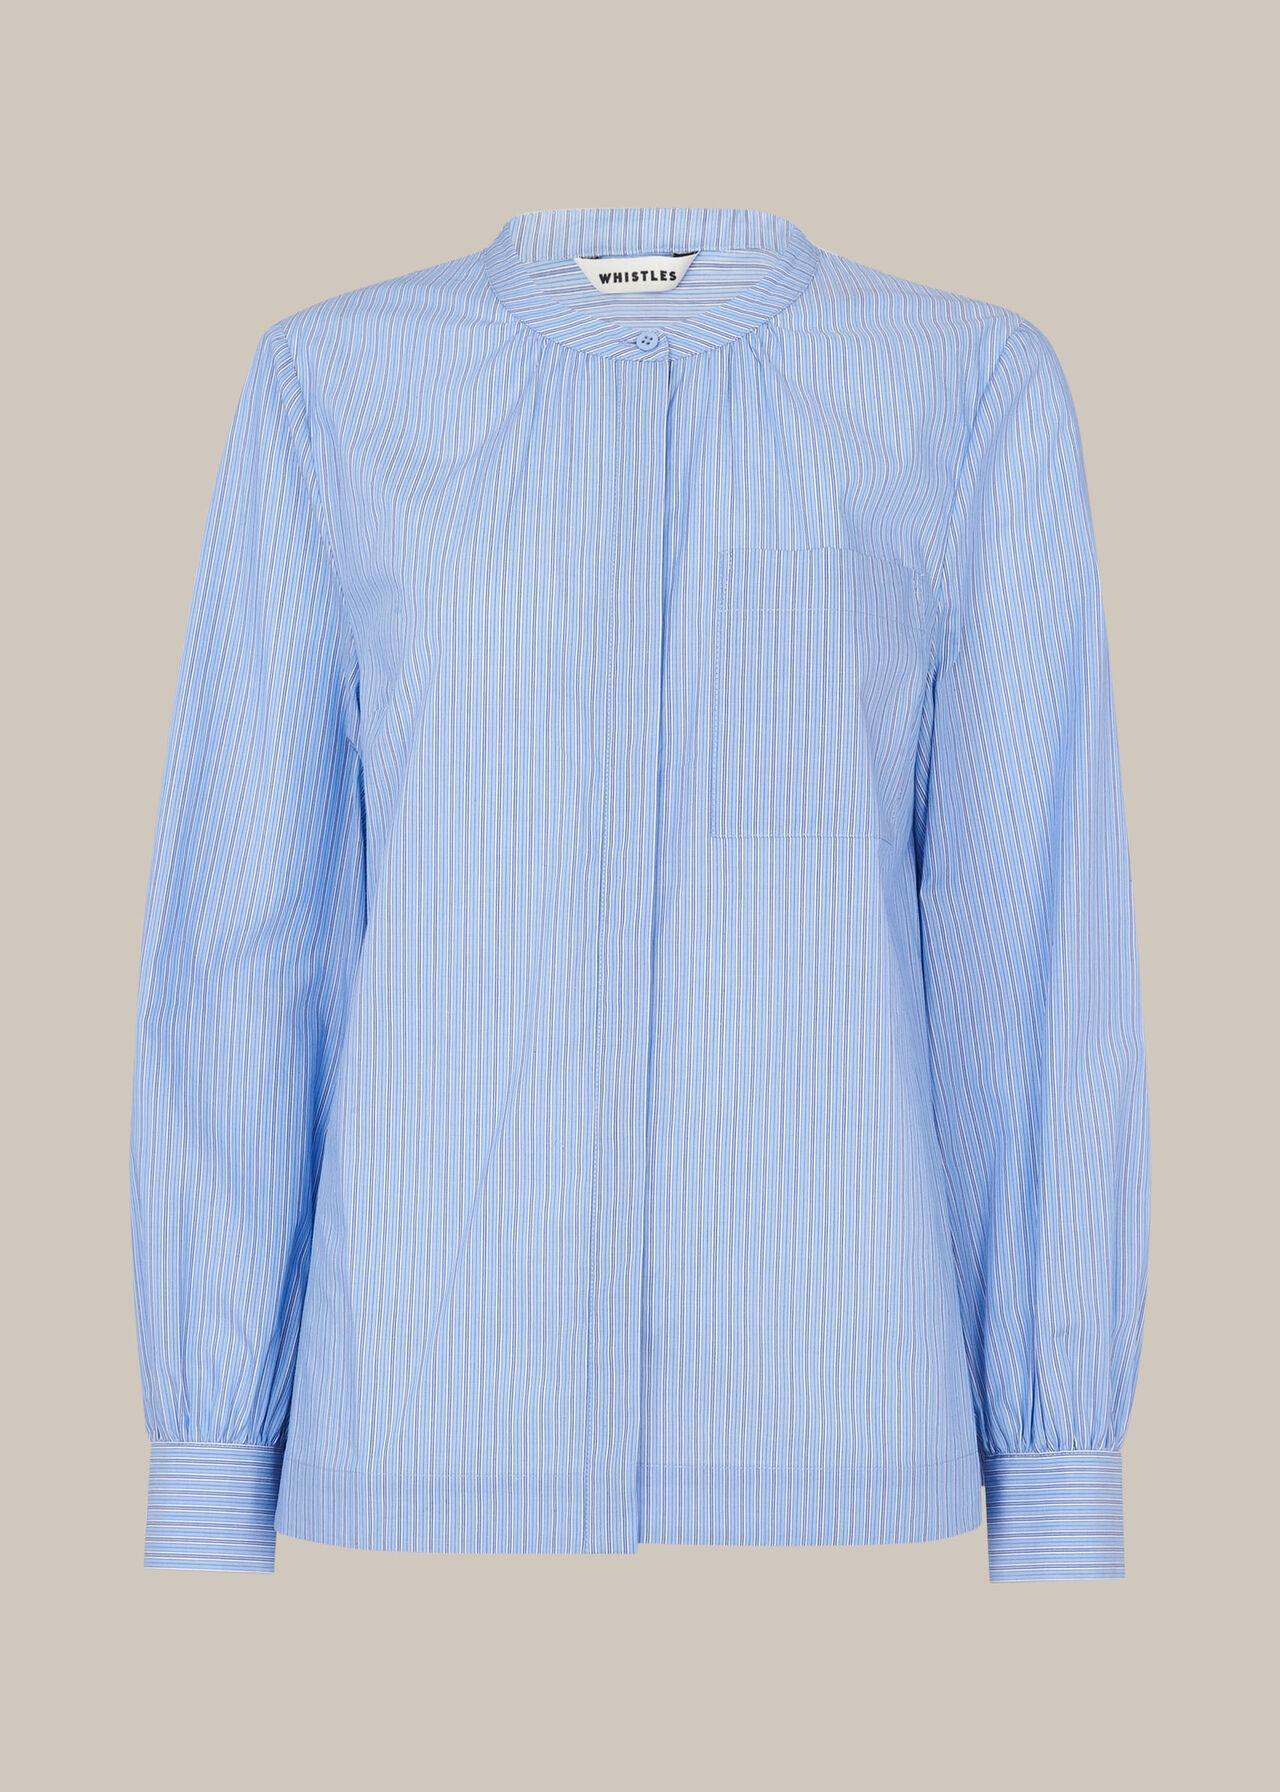 Stripe Cotton Pocket Shirt